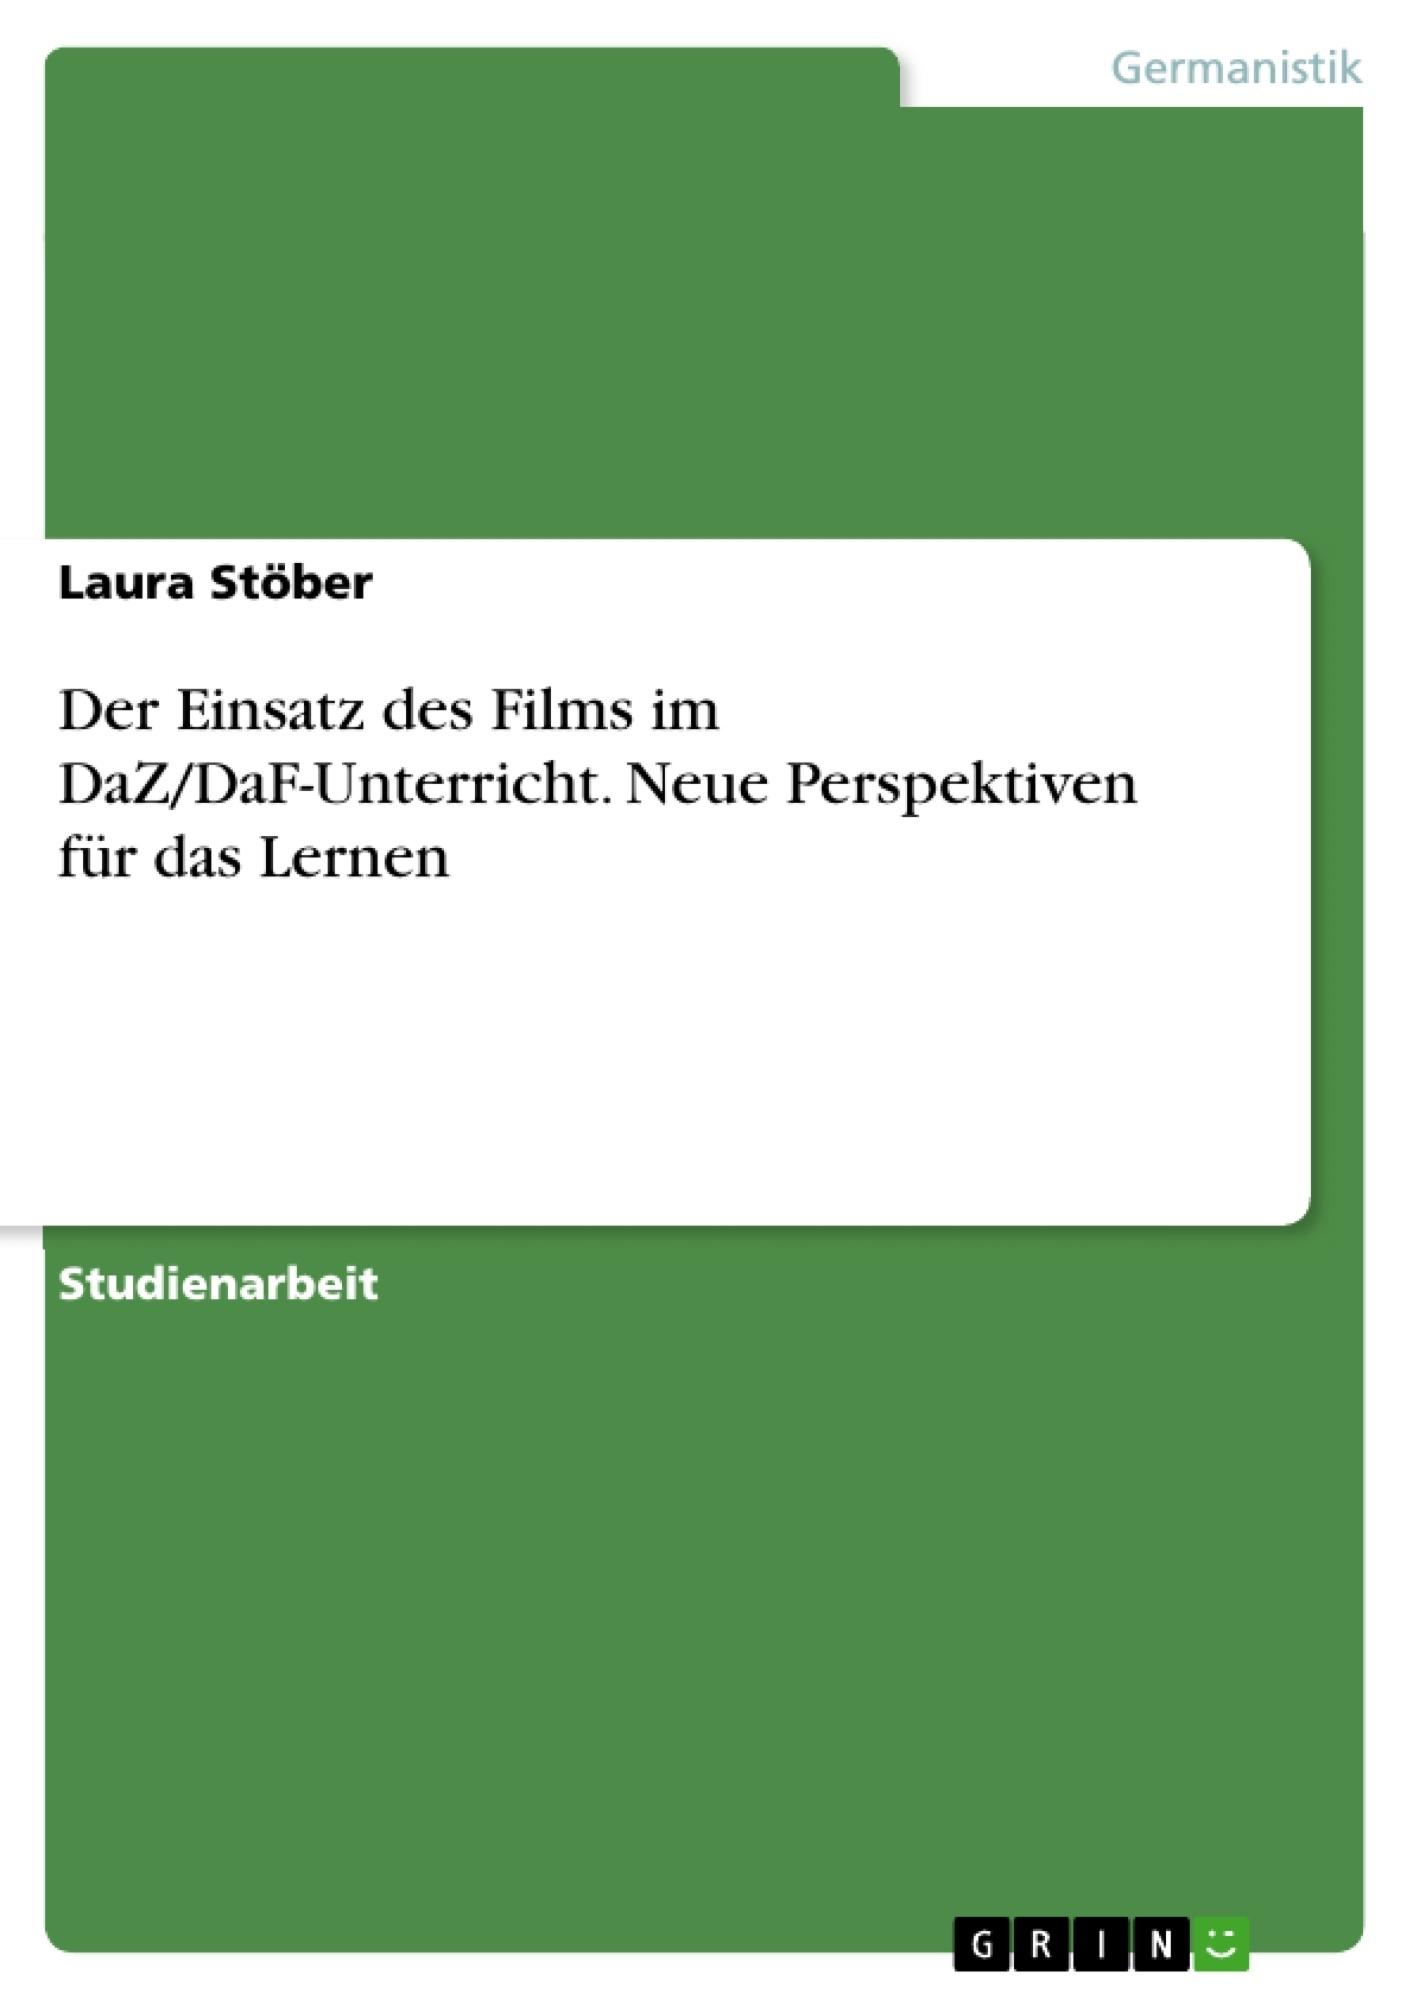 Titel: Der Einsatz des Films im DaZ/DaF-Unterricht. Neue Perspektiven für das Lernen